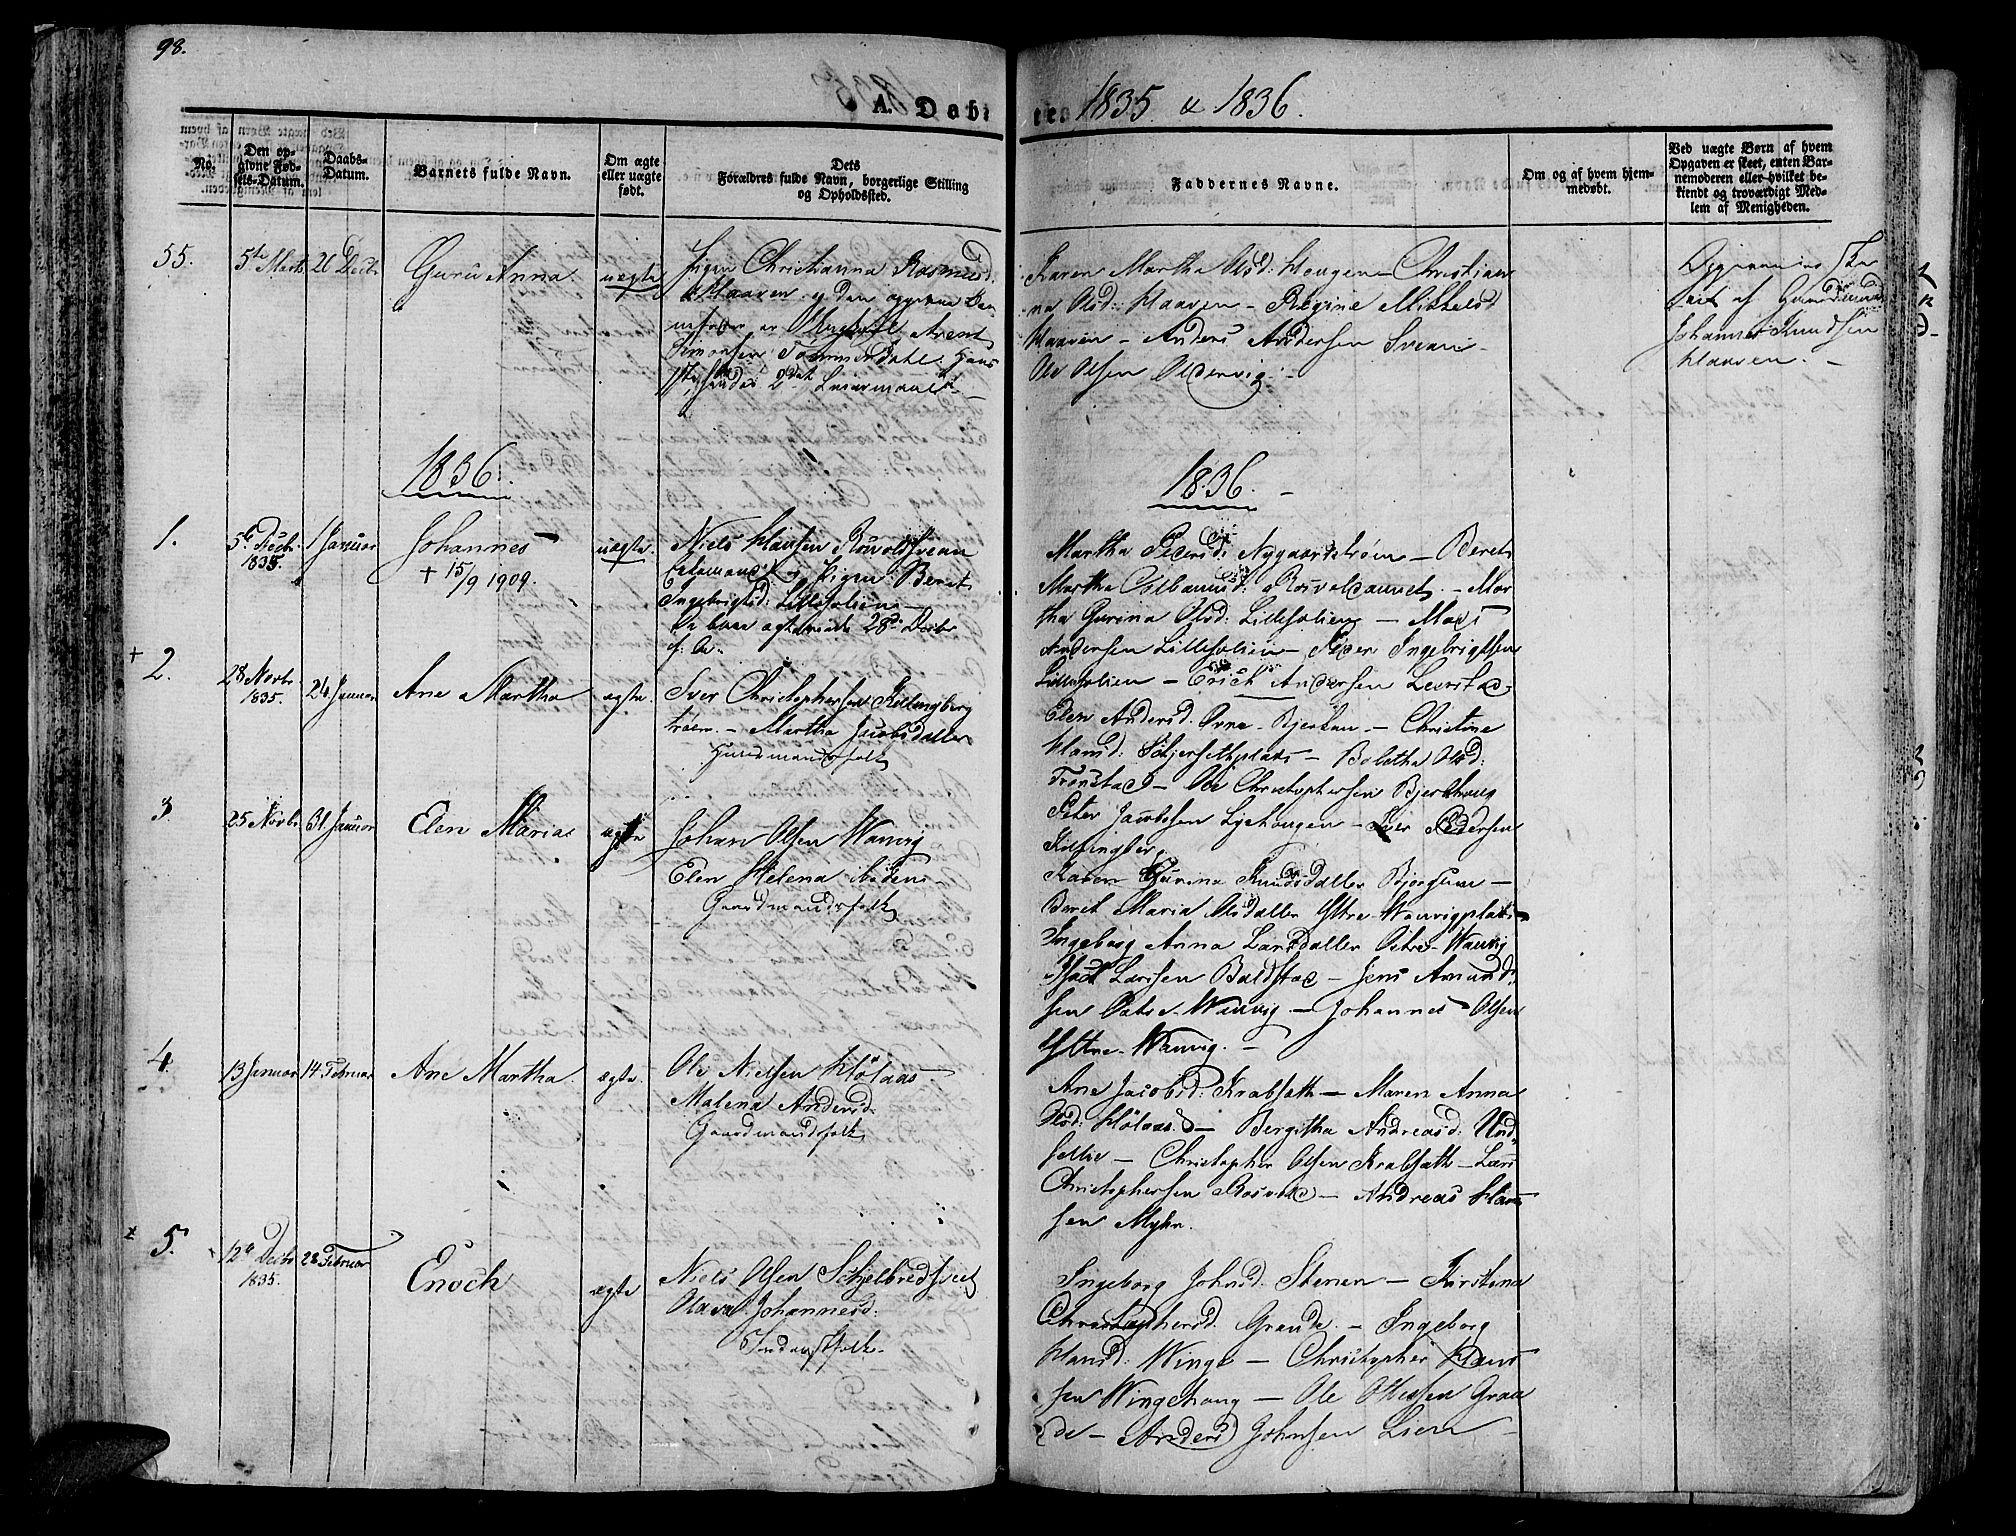 SAT, Ministerialprotokoller, klokkerbøker og fødselsregistre - Nord-Trøndelag, 701/L0006: Ministerialbok nr. 701A06, 1825-1841, s. 98